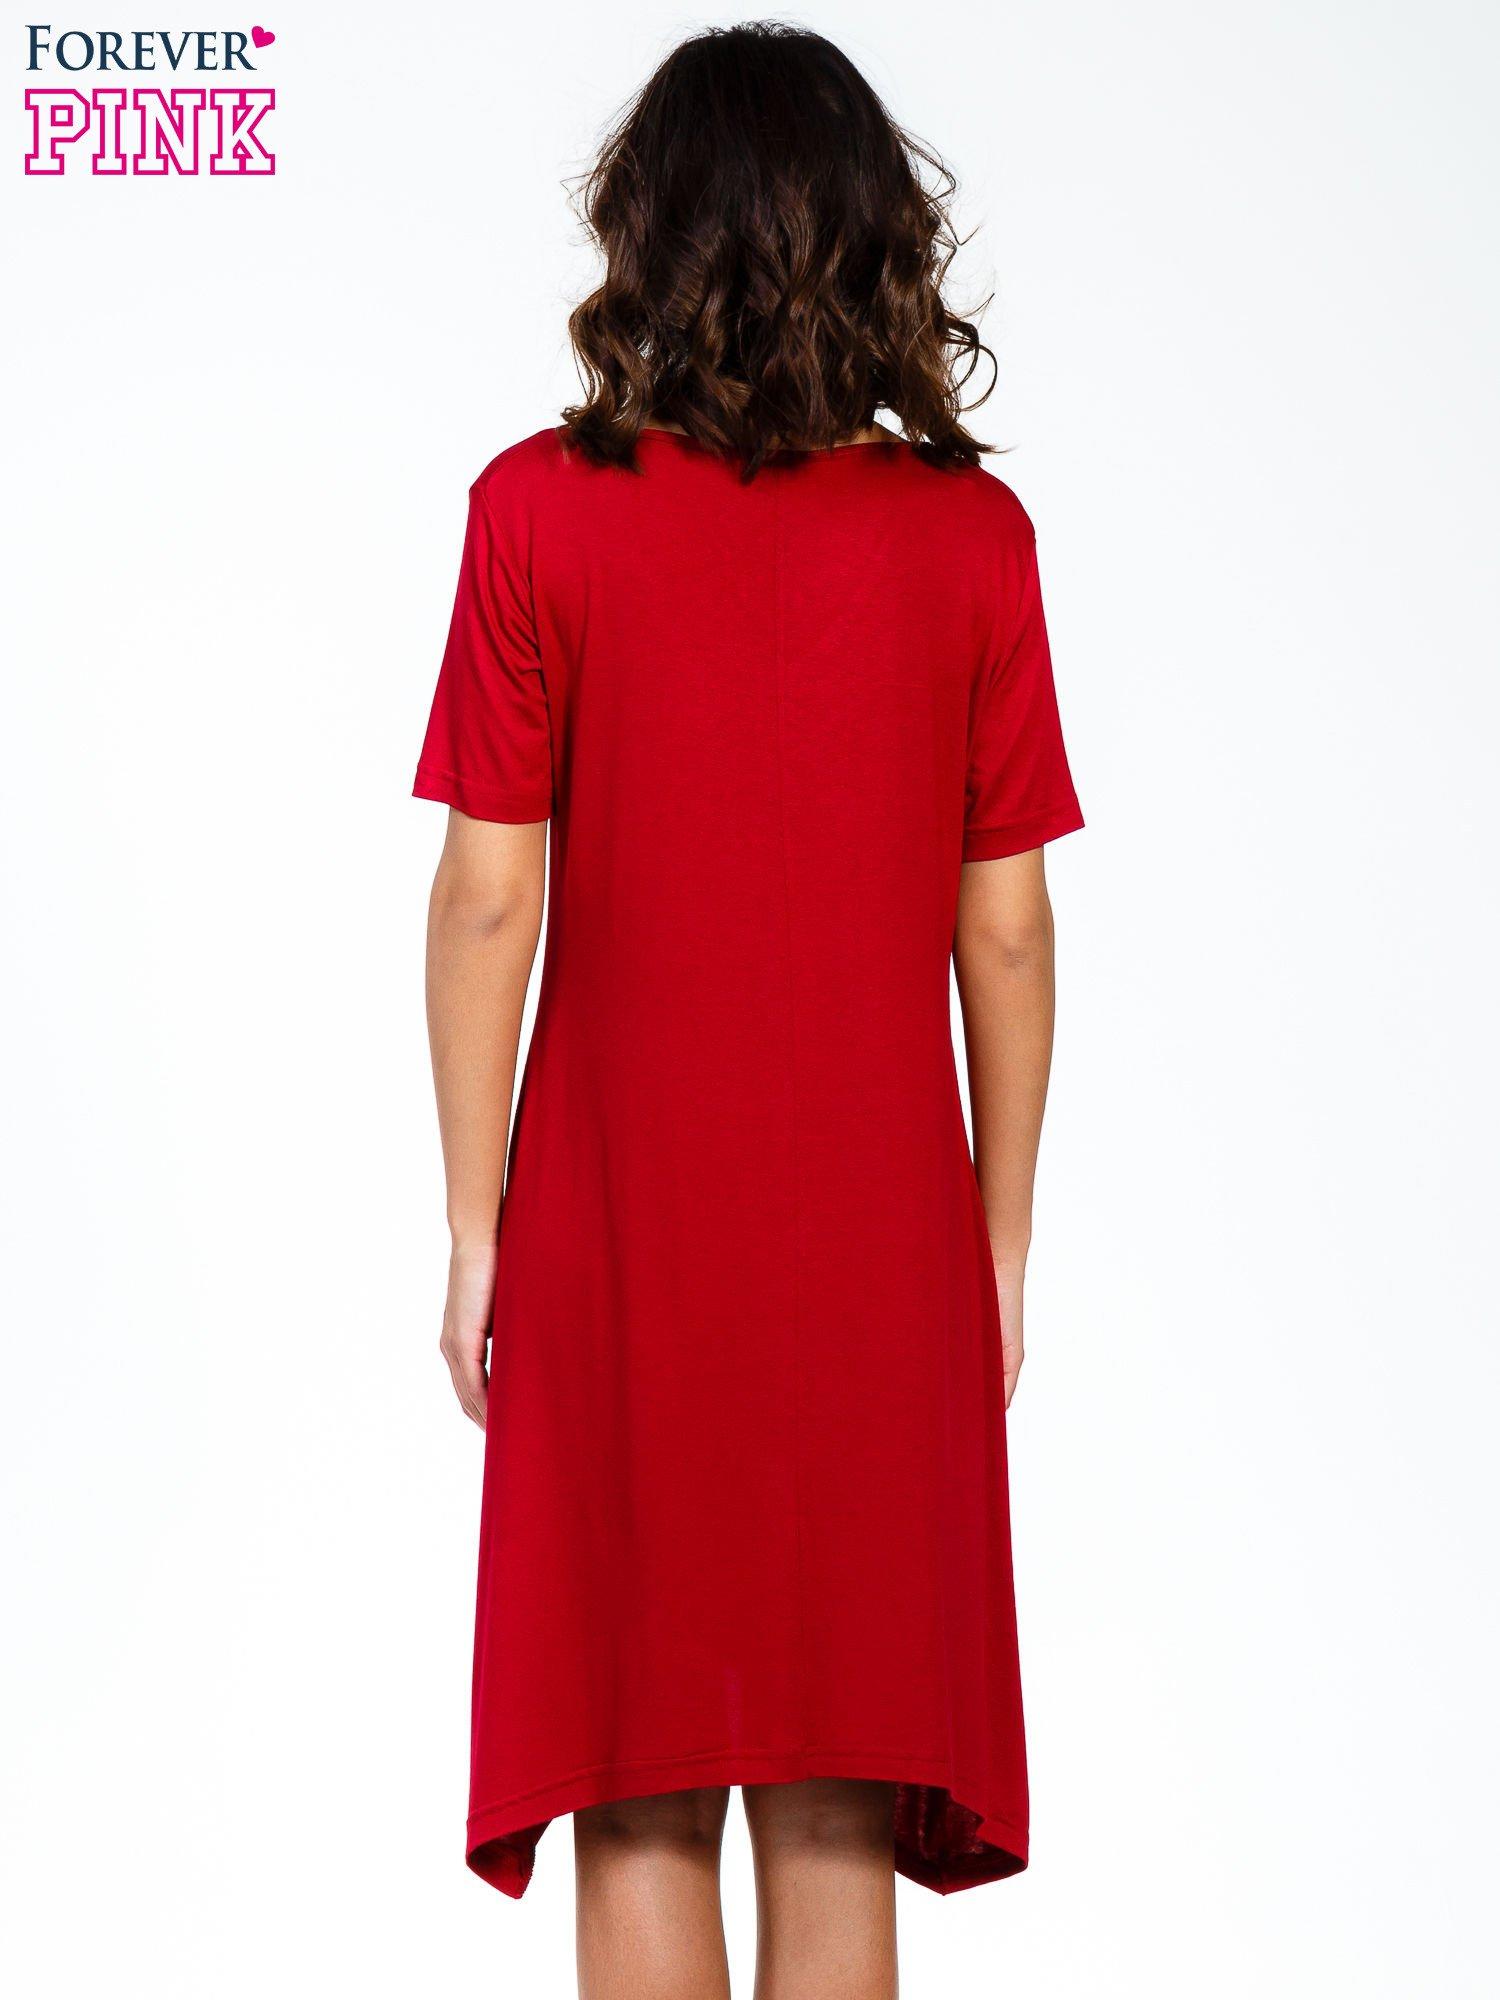 Bordowa luźna sukienka z asymetrycznym dołem                                  zdj.                                  4